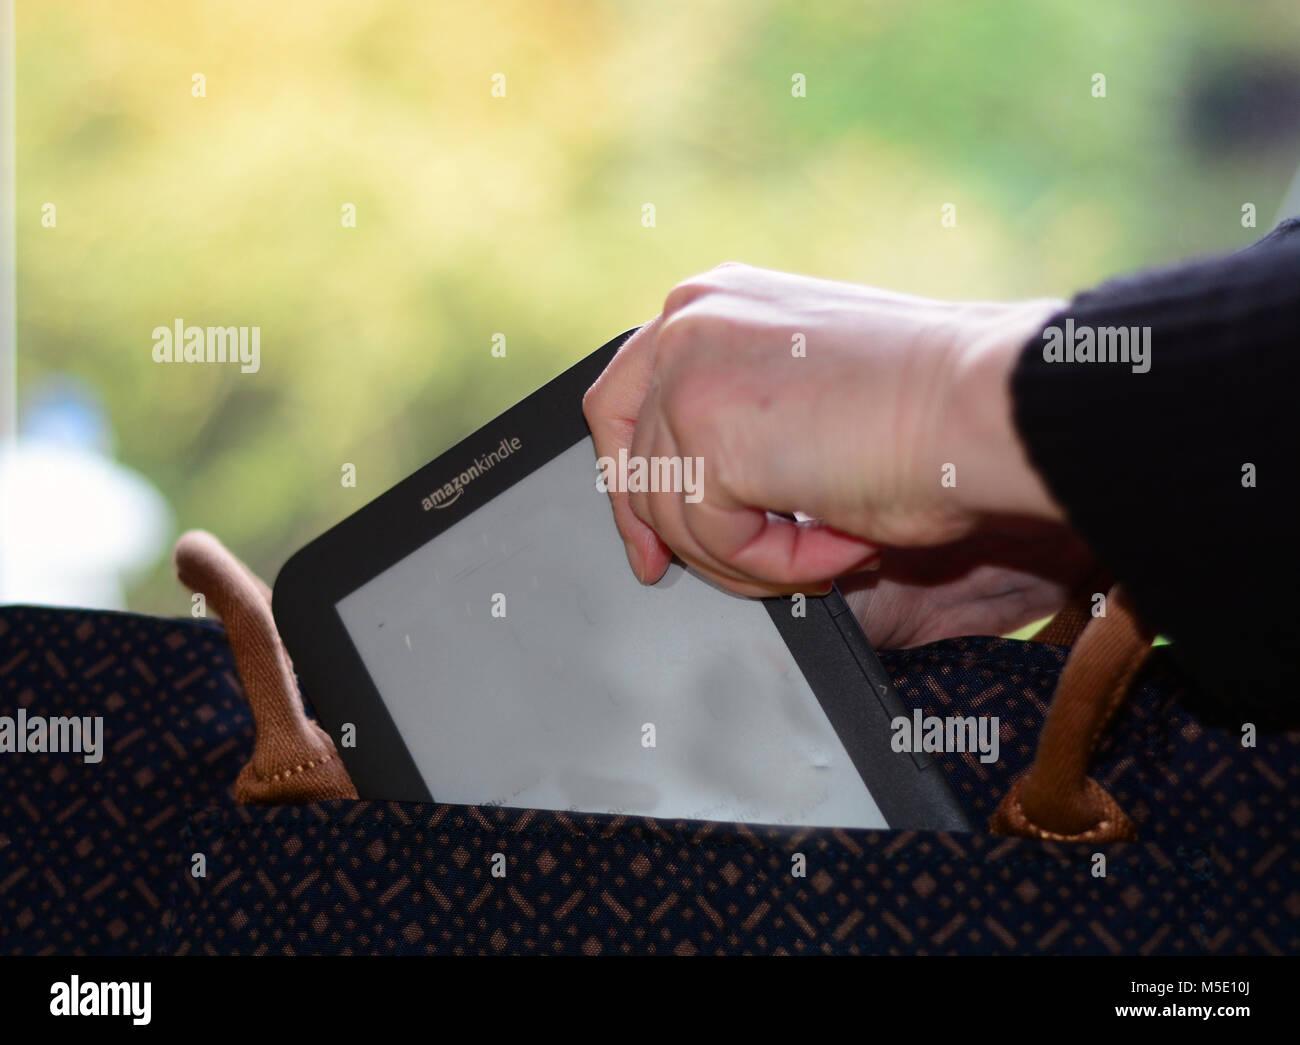 Woman putting un e-reader Kindle dans son sac à main (emballage pour maison de vacances/trajet du matin concept) Photo Stock